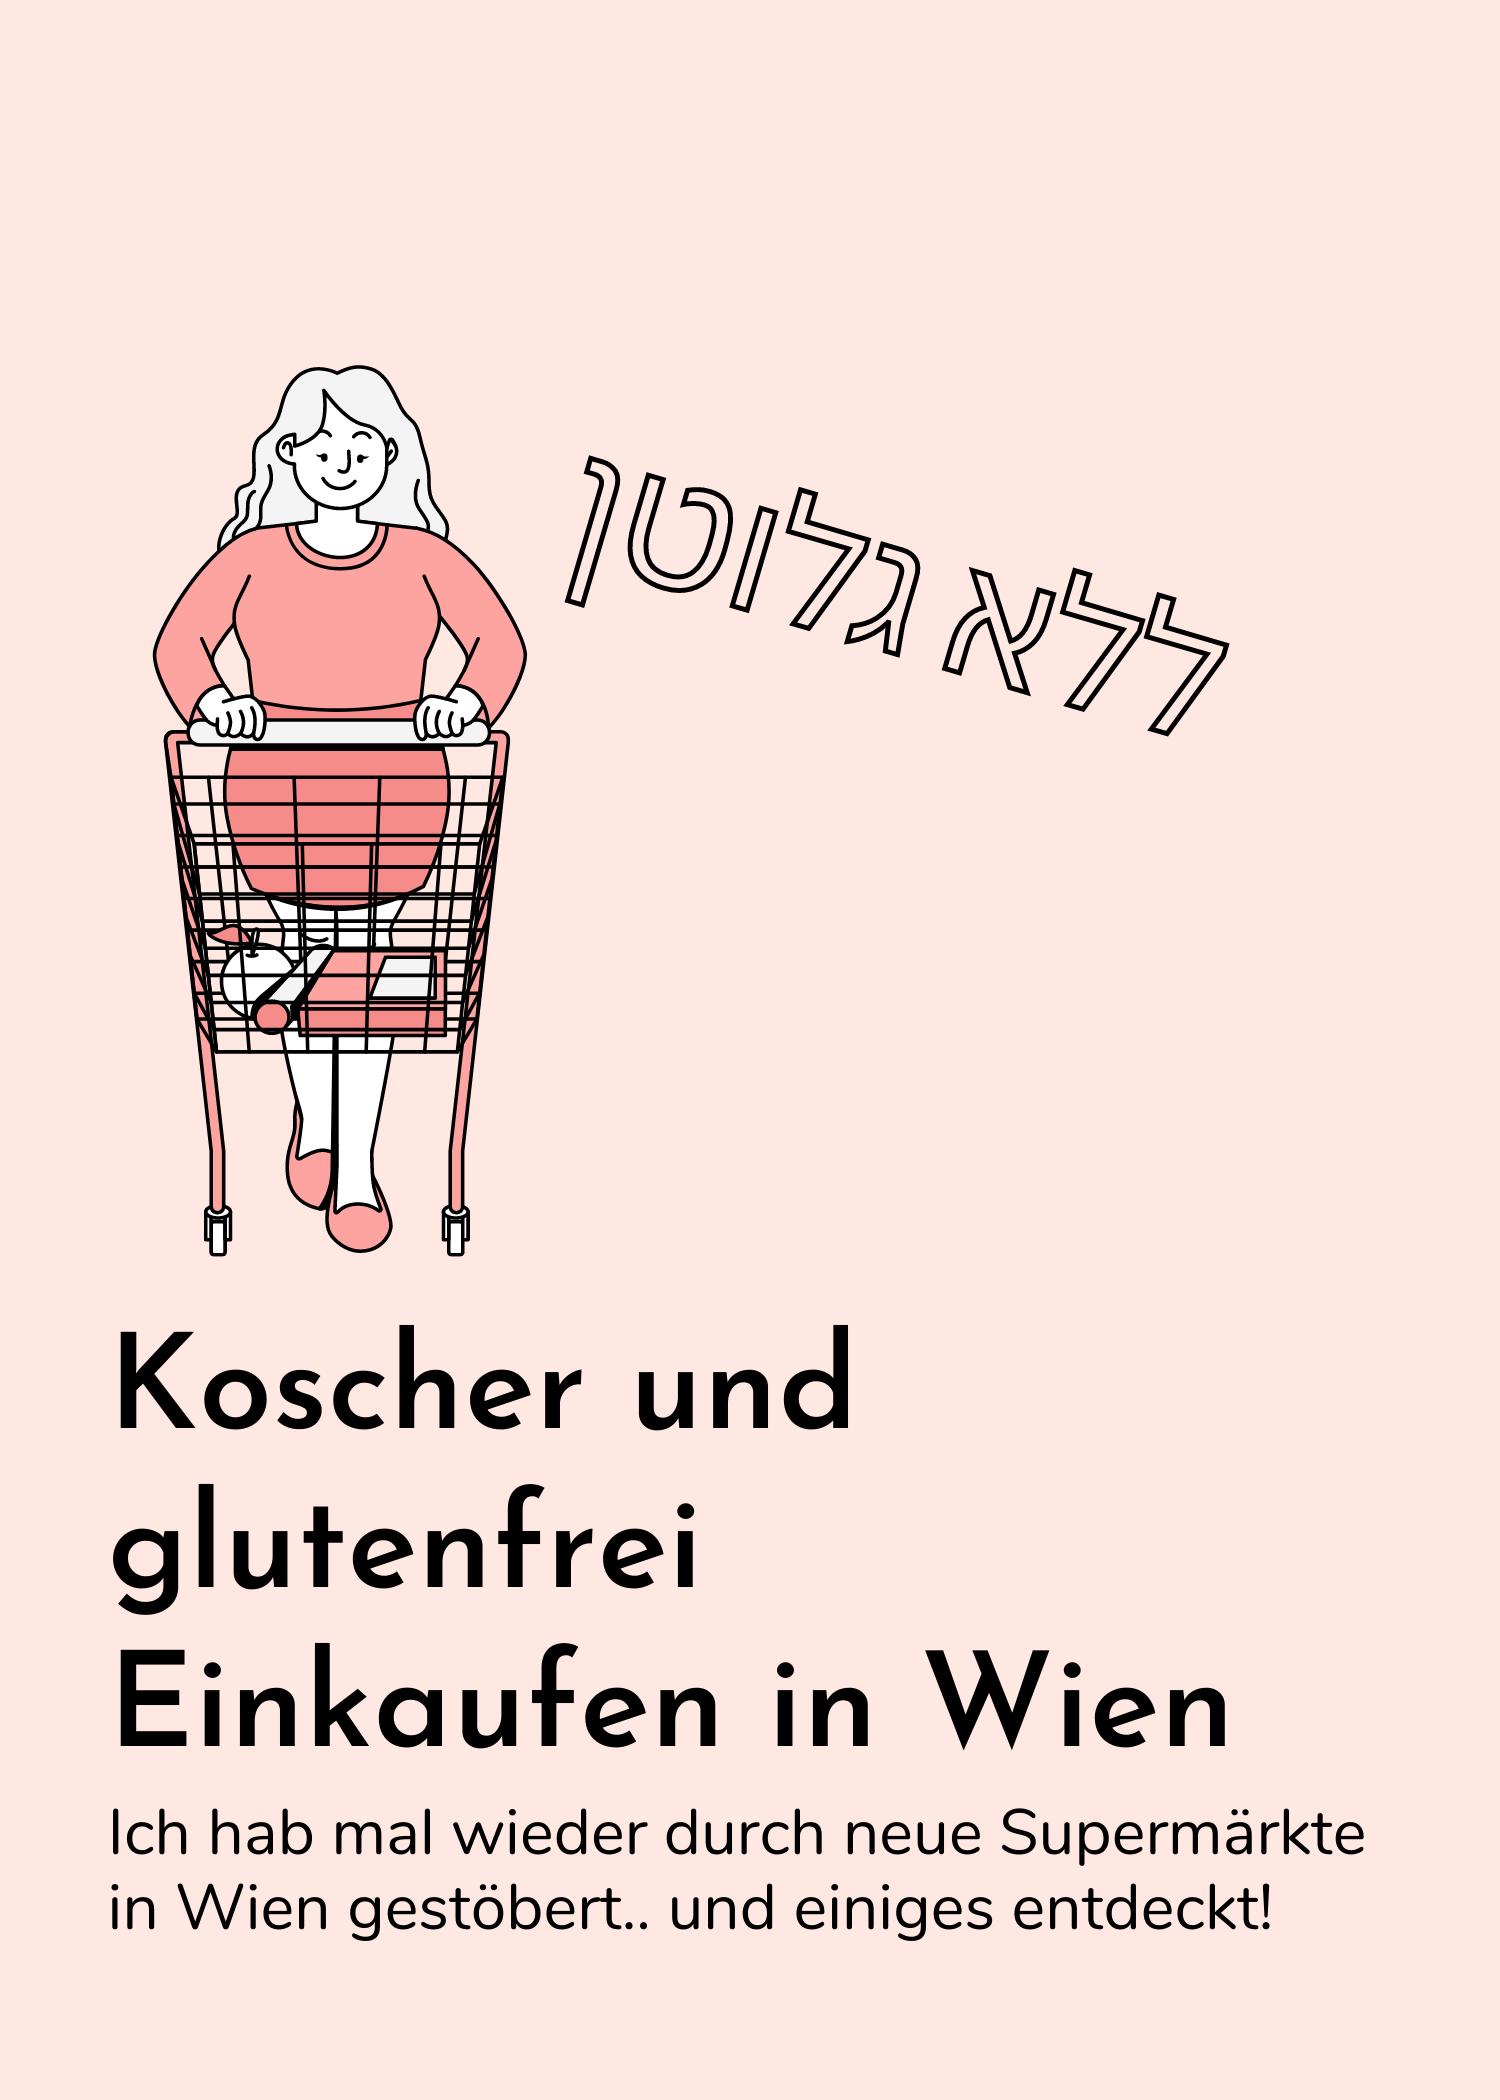 Glutenfrei und koscher Einkaufen in Wien – ich hab mal wieder gestöbert!